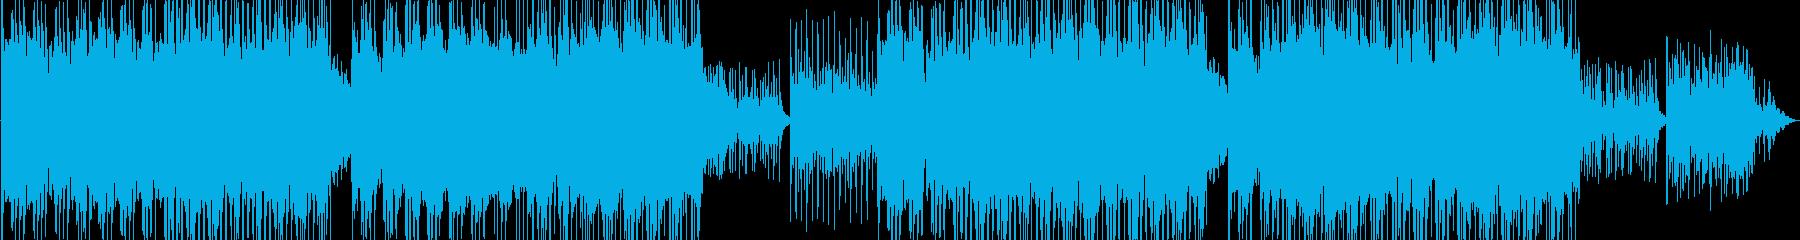 フルートが軽やかに奏でるレトロ風サウンドの再生済みの波形